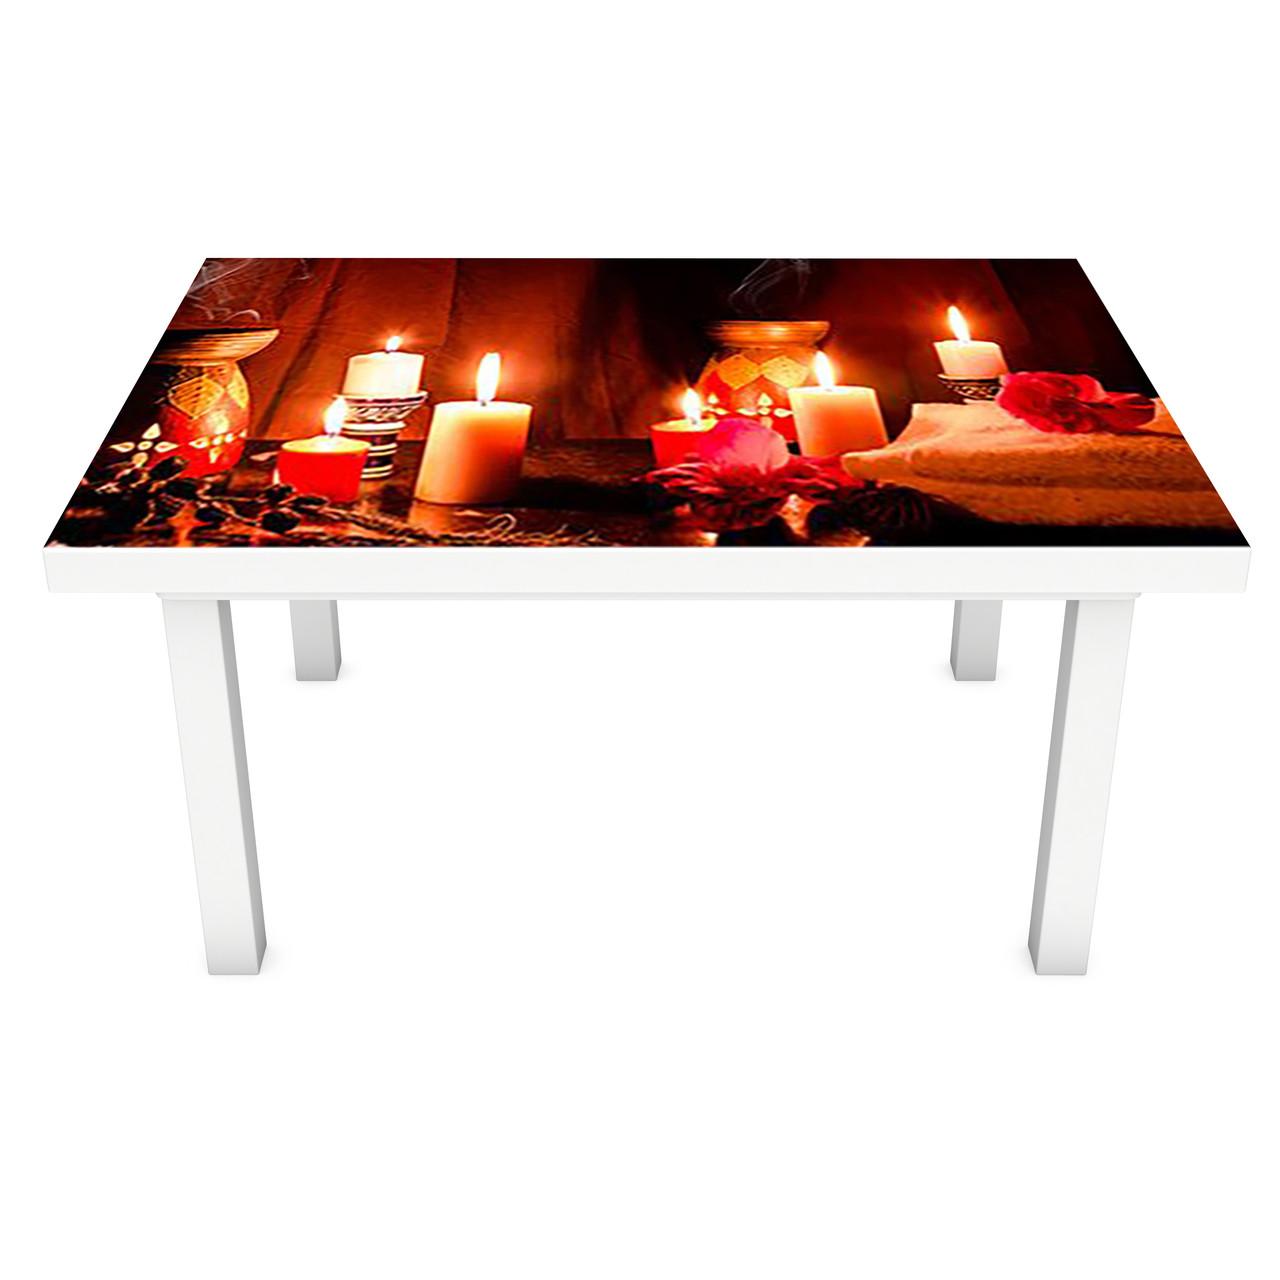 Виниловая наклейка на стол Романтический вечер (интерьерная ПВХ пленка для мебели) Свечи СПА Коричневый 600*1200 мм